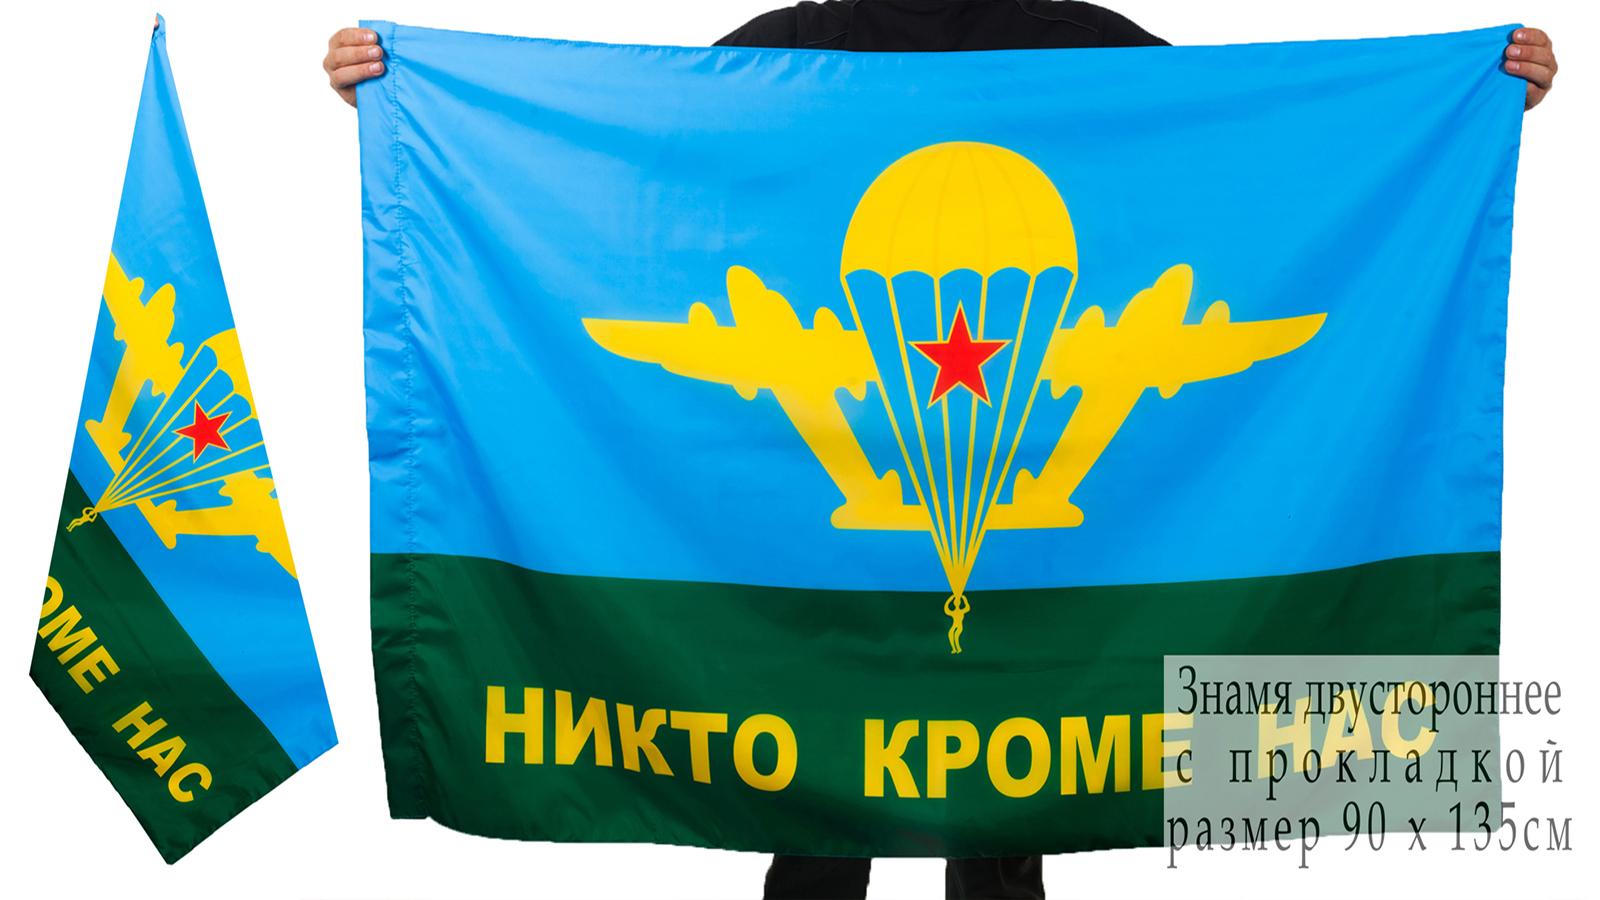 Купить двухсторонние флаги ВДВ для уличных праздников